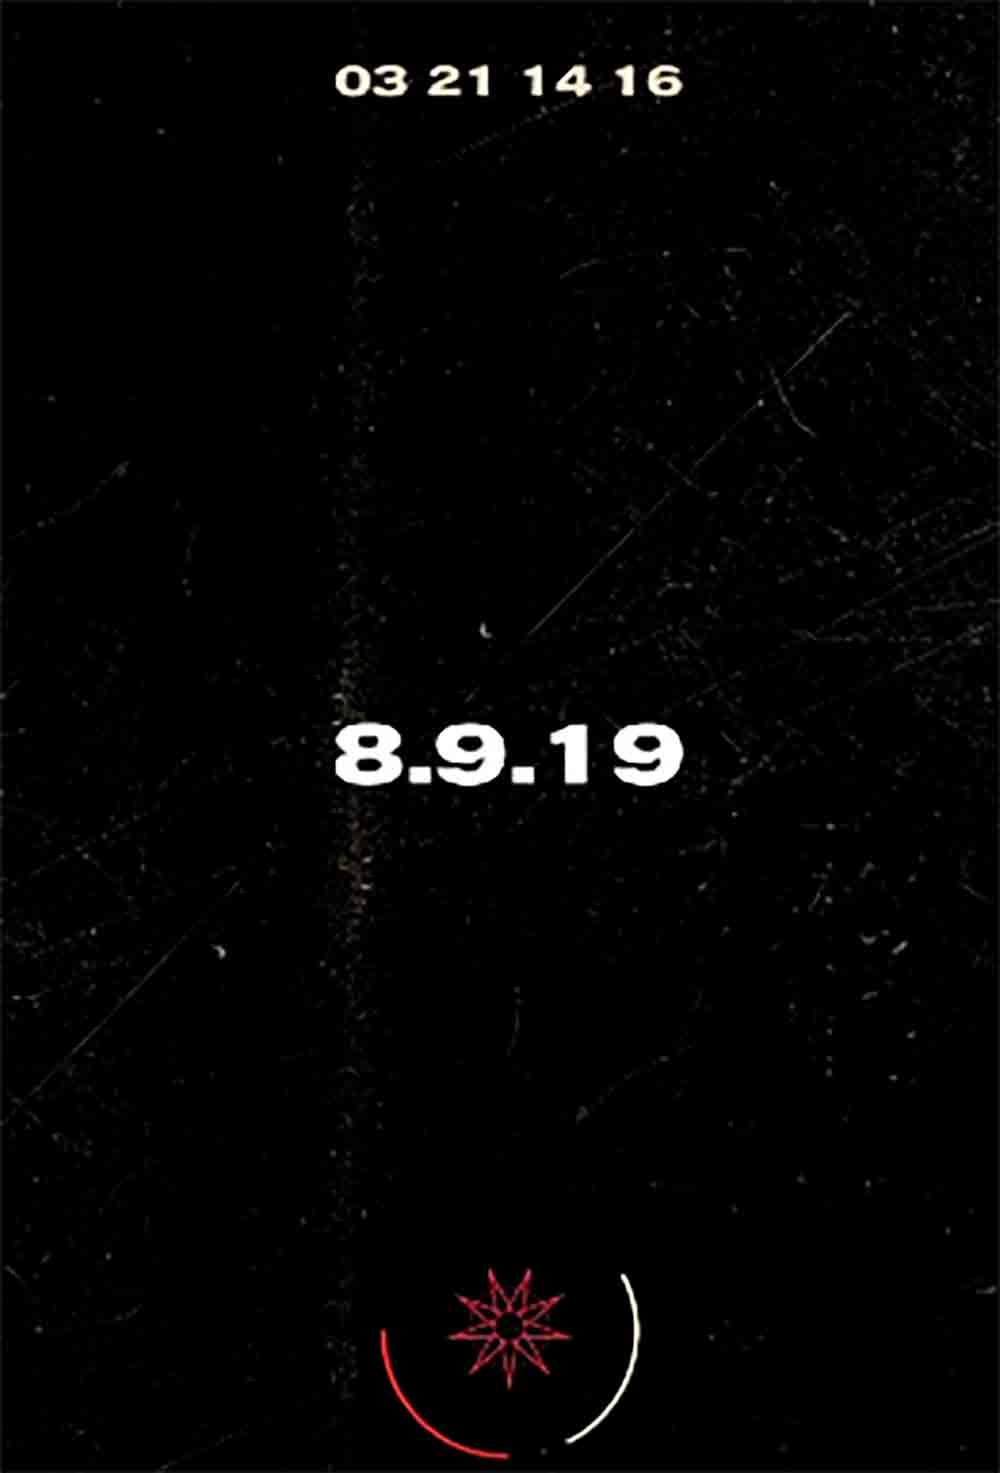 New Slipknot album release date 2019